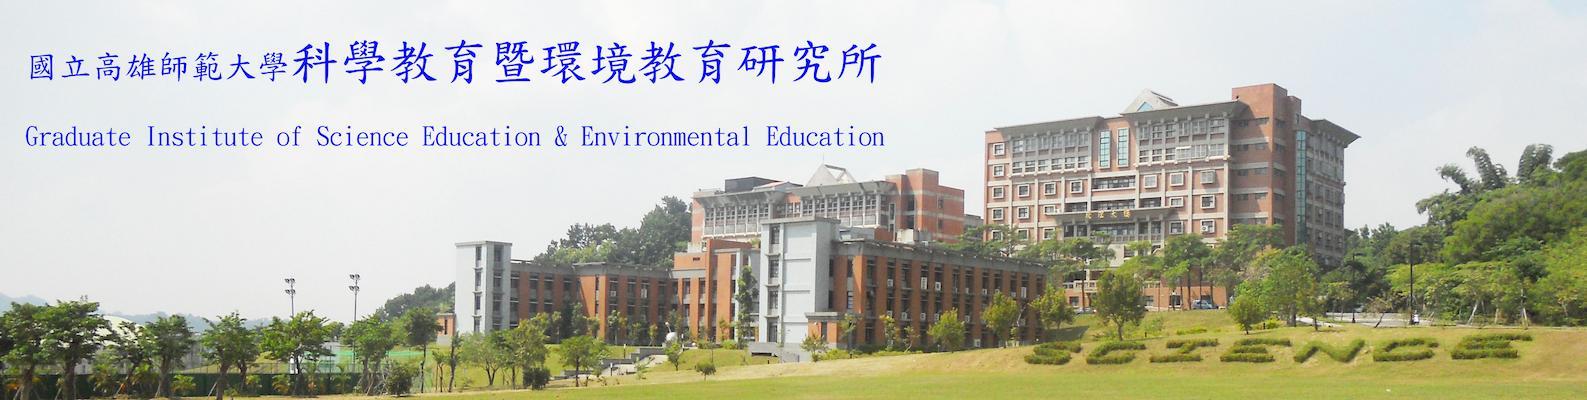 科學教育暨環境教育研究所